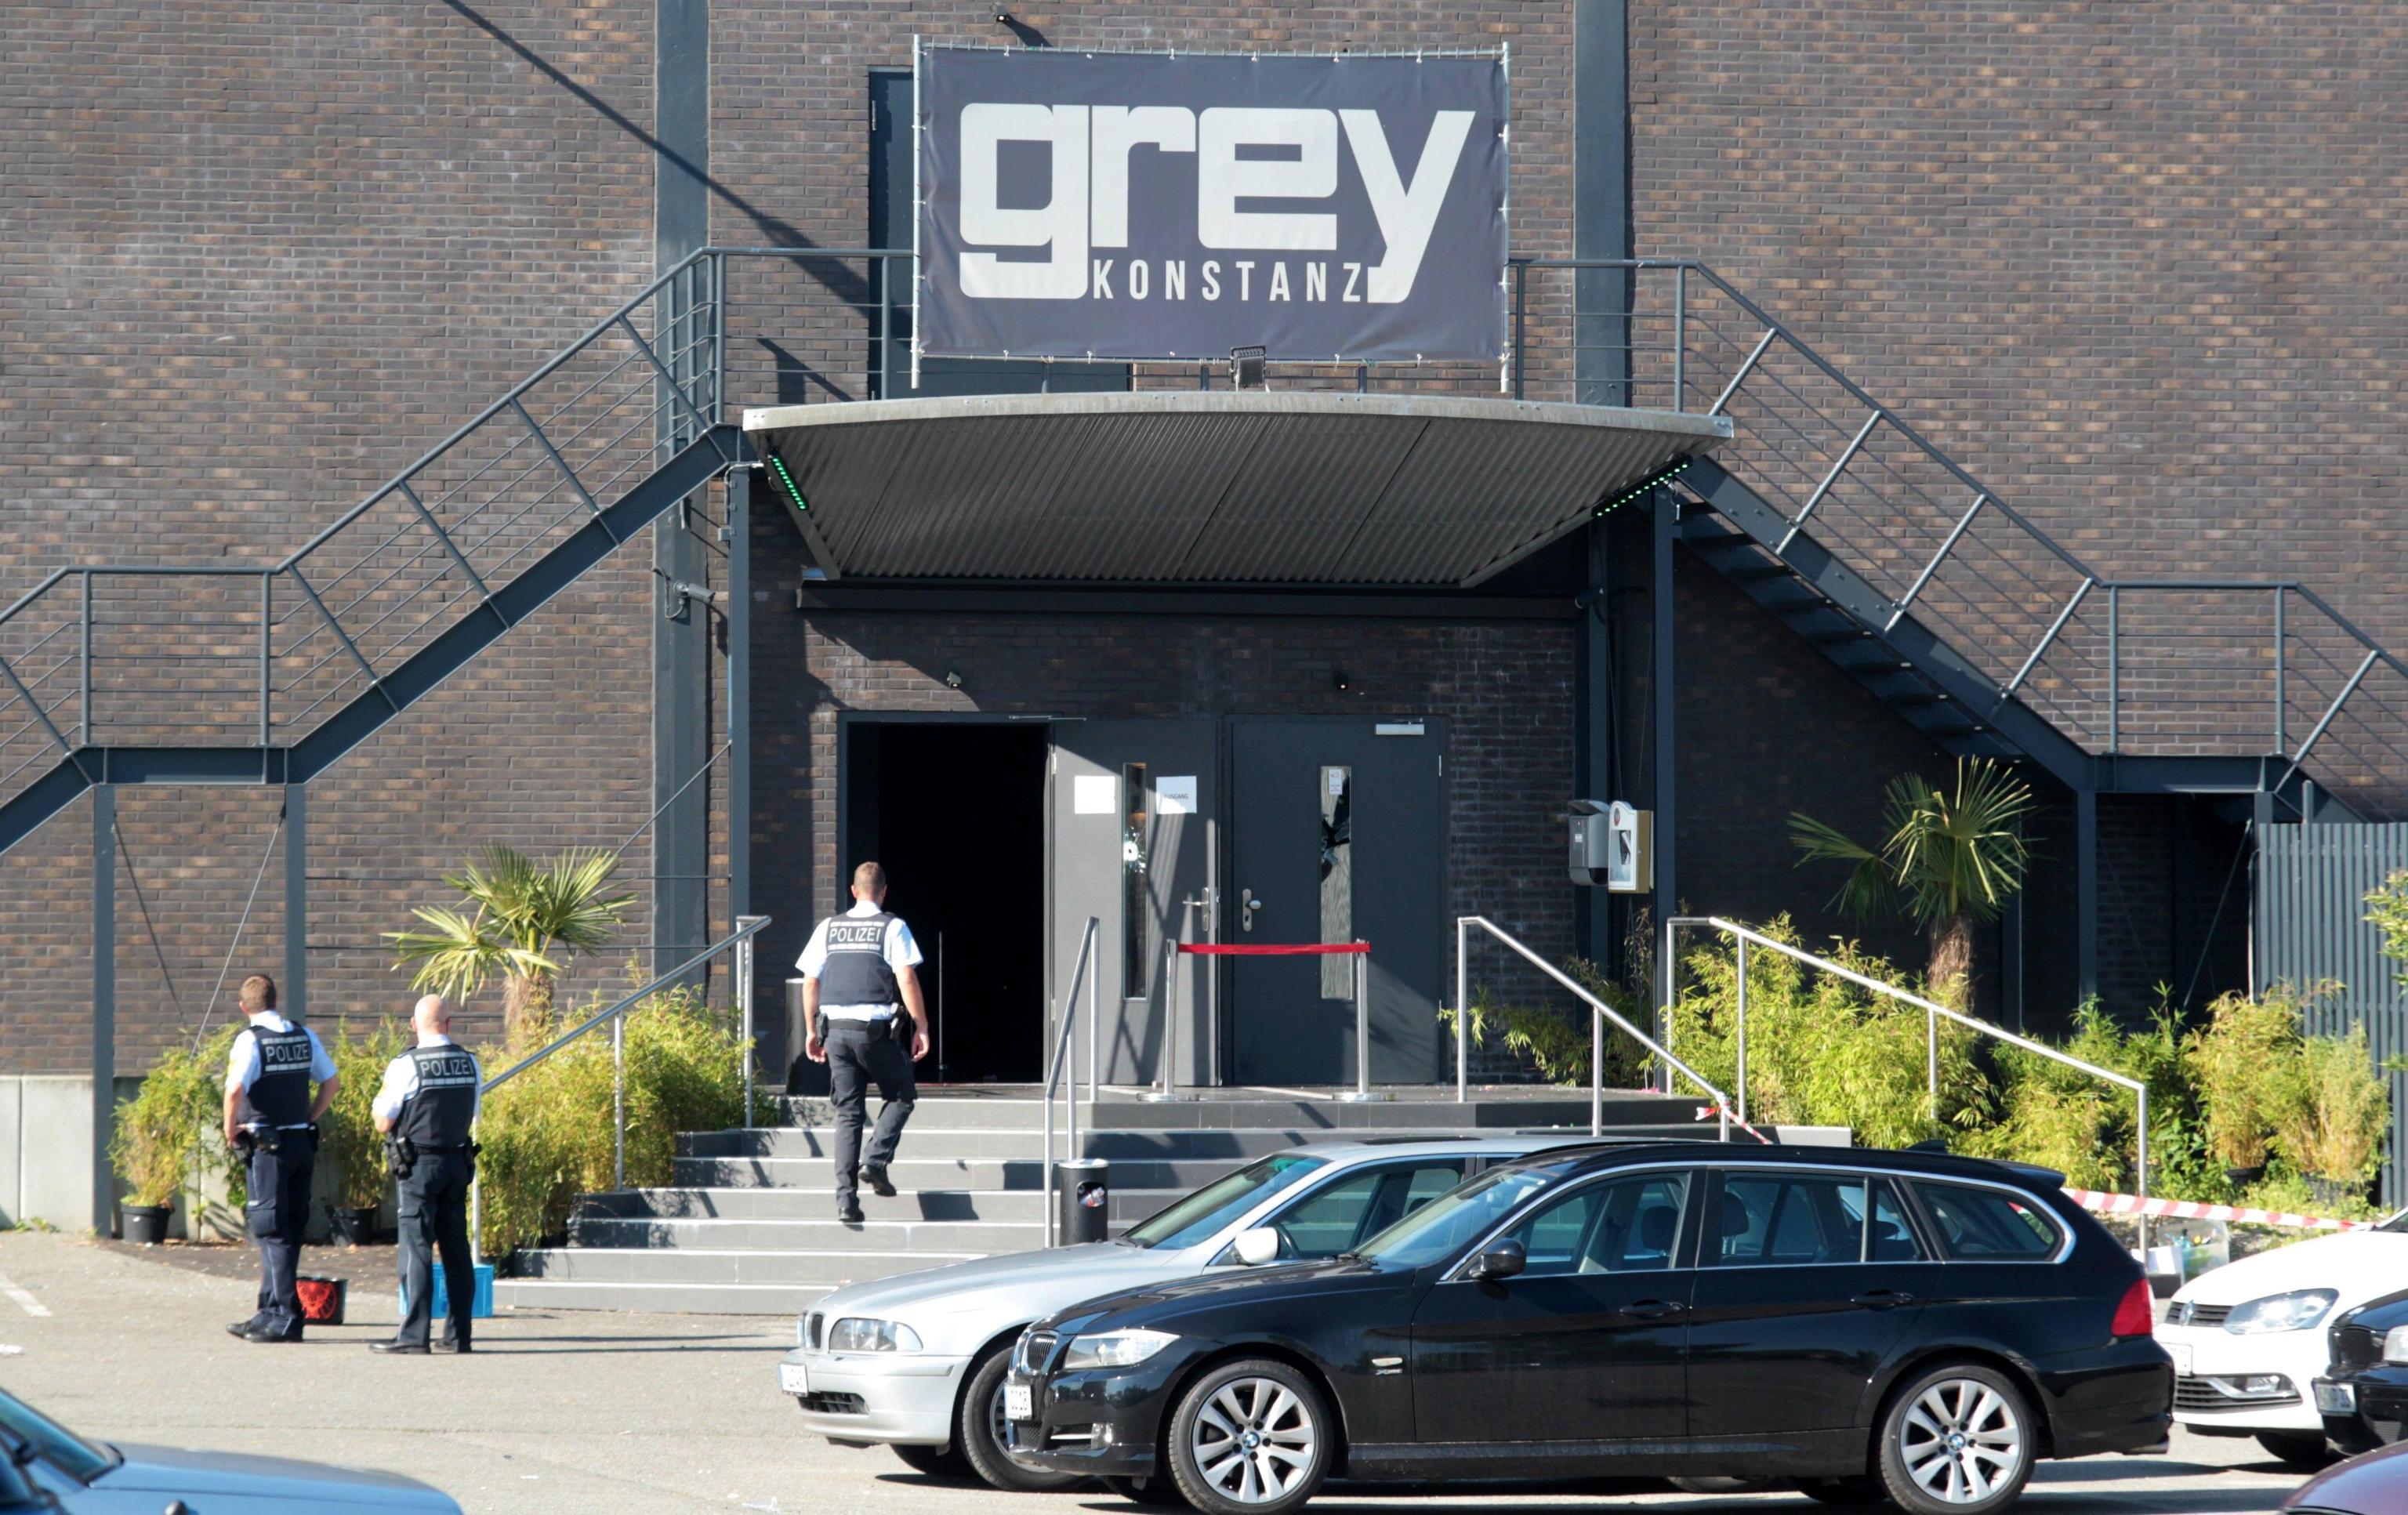 Germania, spari in discoteca a Costanza: due morti